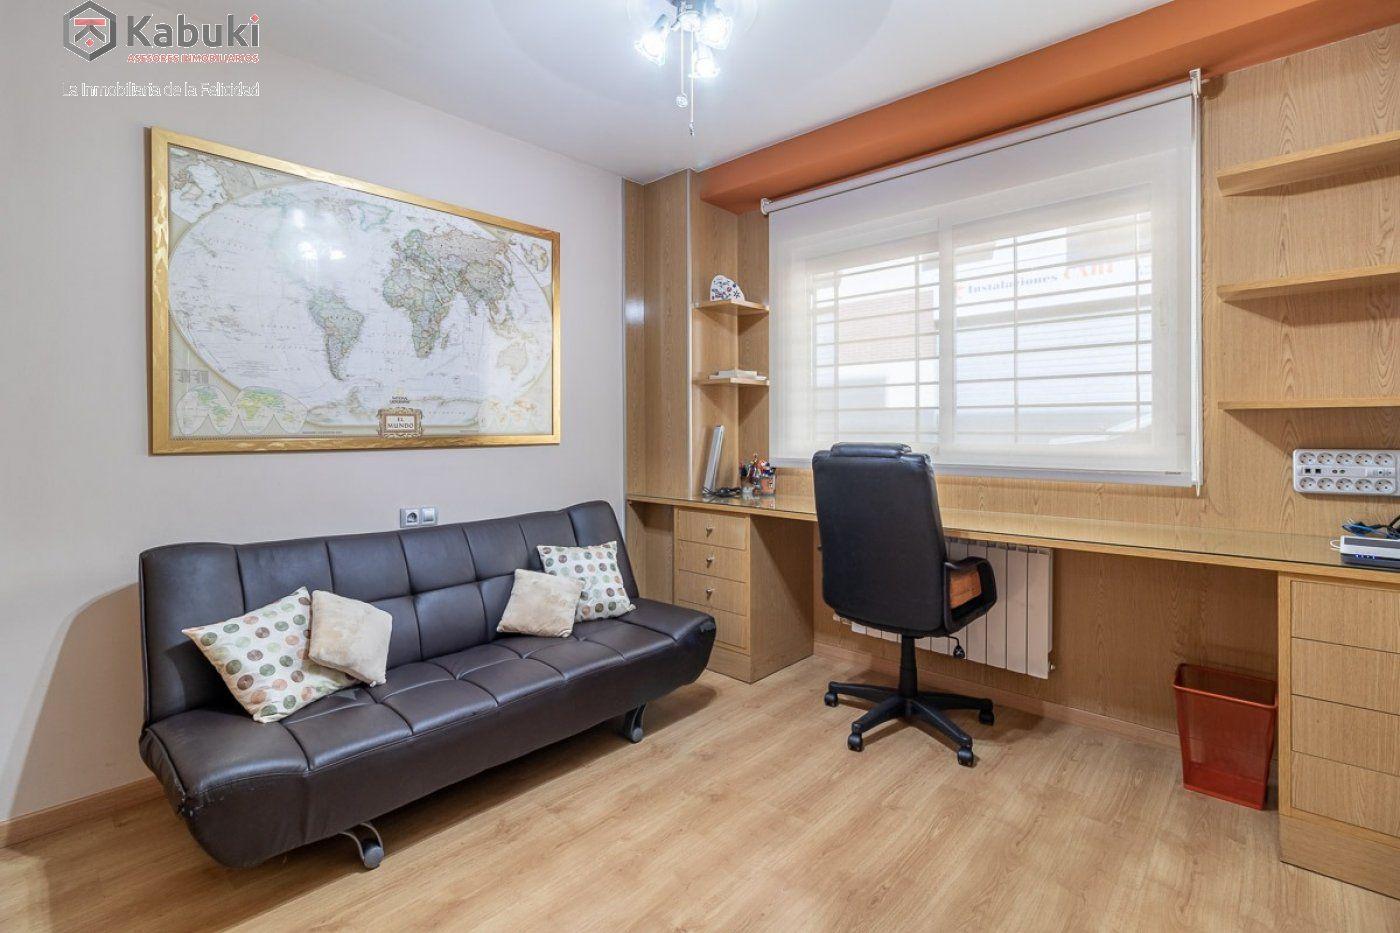 Coqueto piso de 2 dormitorios en un edificio del año 2008, con excelentes calidades y - imagenInmueble4